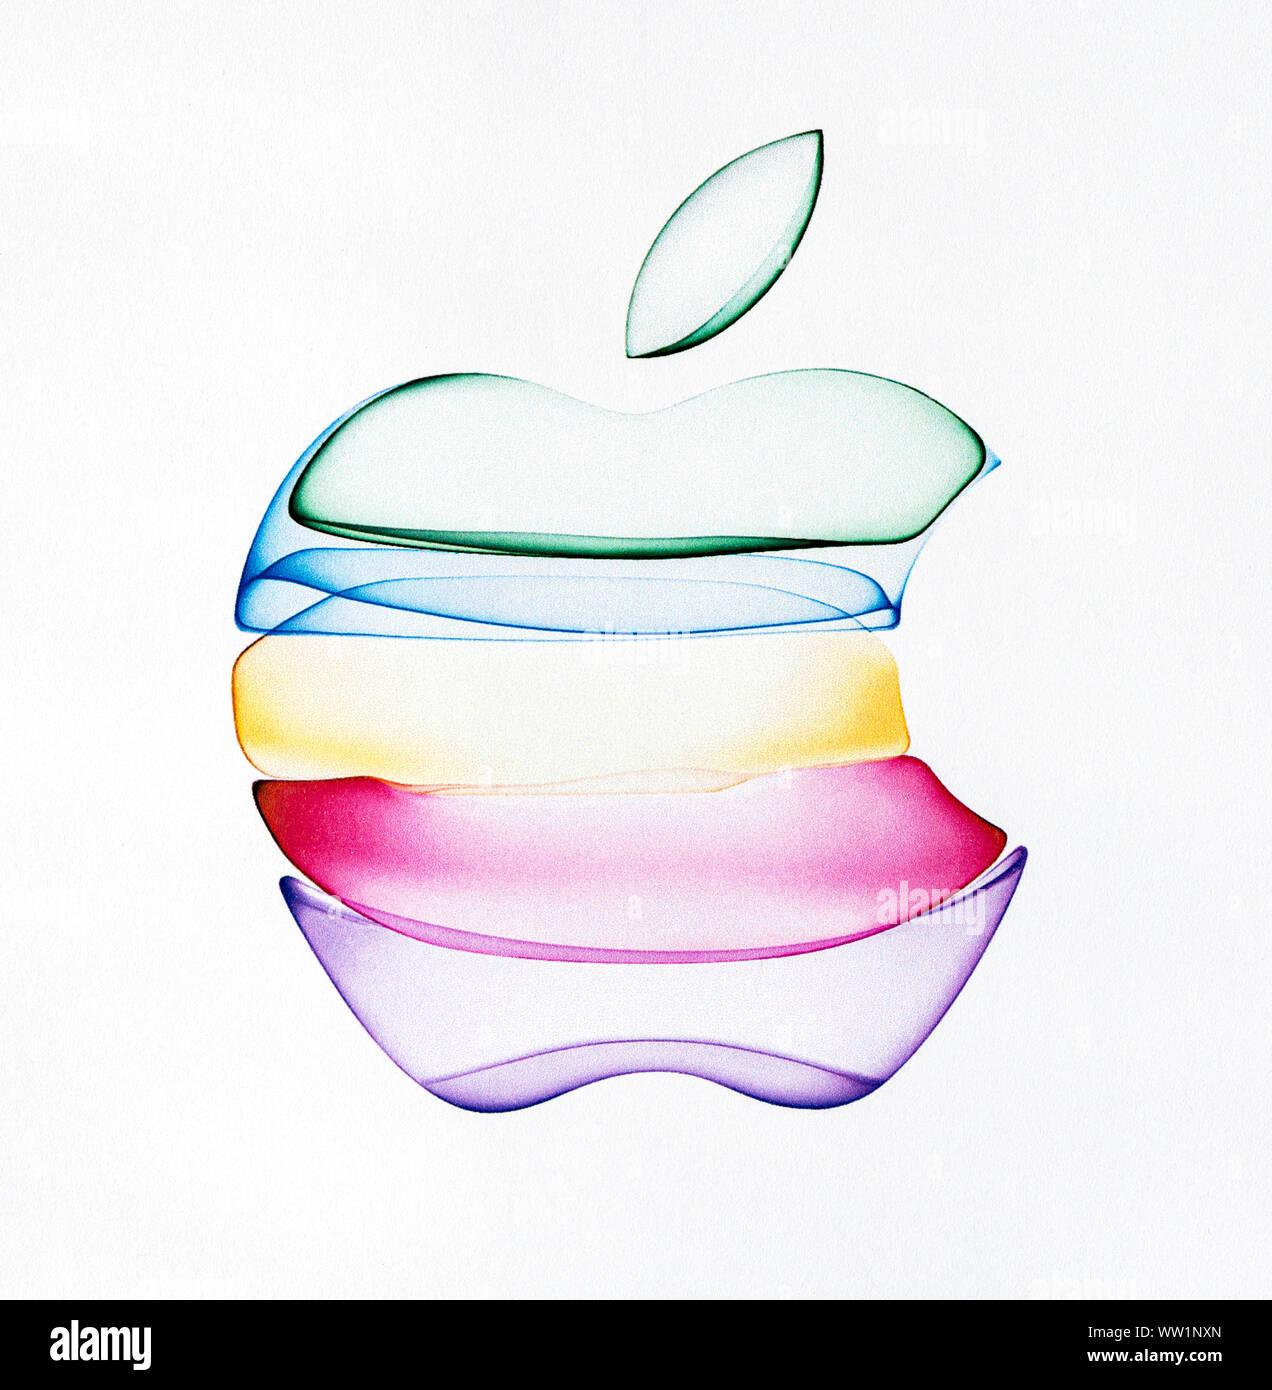 Kiev, Ukraine - le 12 septembre 2019: un nouveau logo de l'entreprise Apple imprimés sur un papier blanc. Banque D'Images